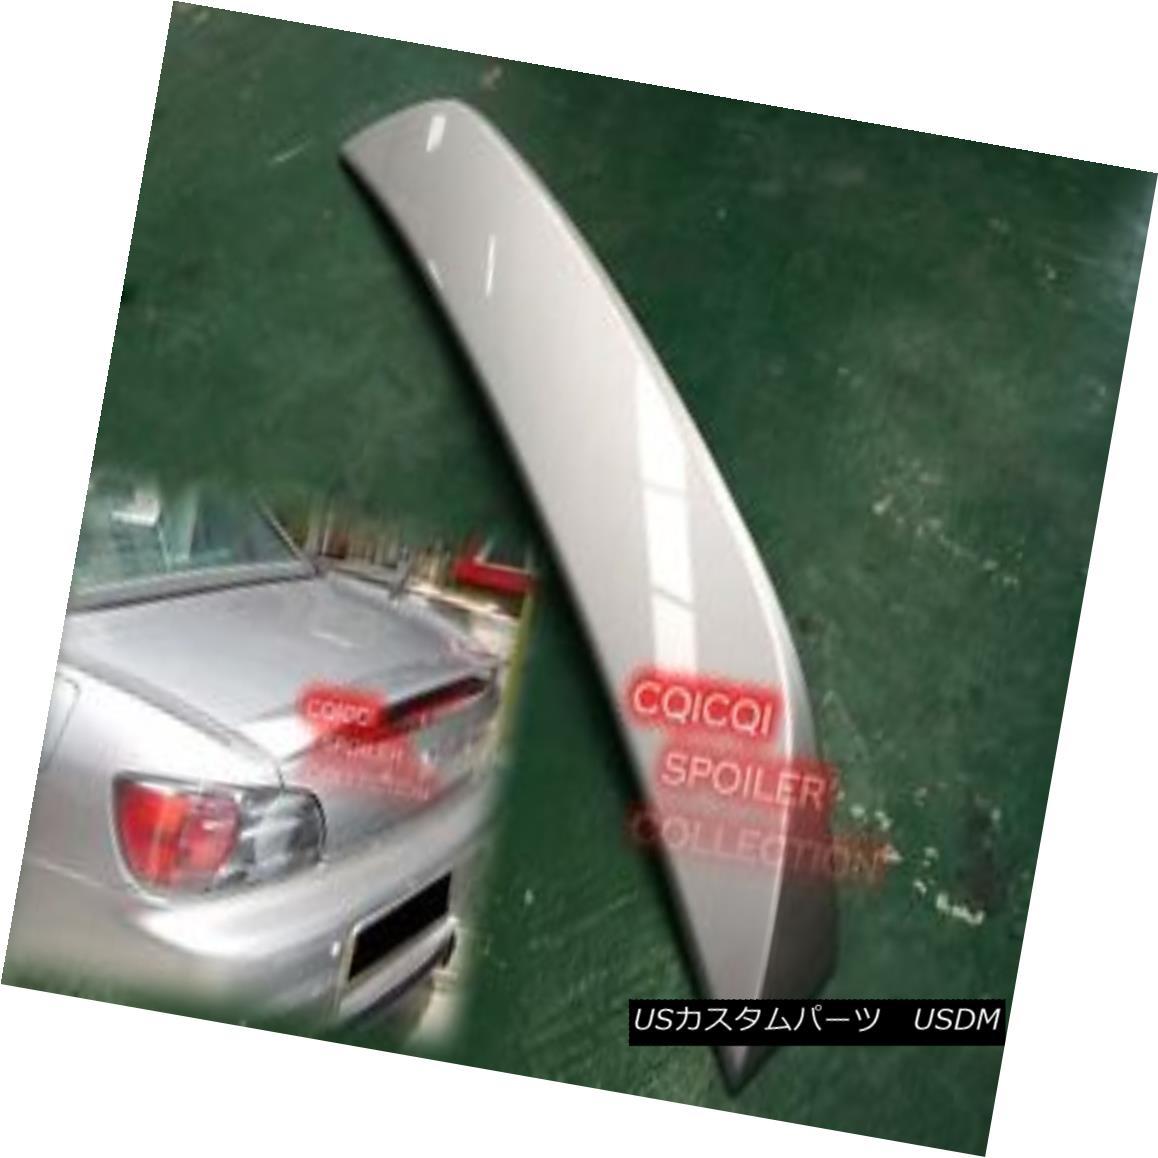 エアロパーツ Painted Honda 00-09 S2000 OEM type rear trunk spoiler color:NH745M Silver ◎ 塗装ホンダ00-09 S2000 OEMタイプの後部トランクスポイラーカラー:NH745Mシルバー?